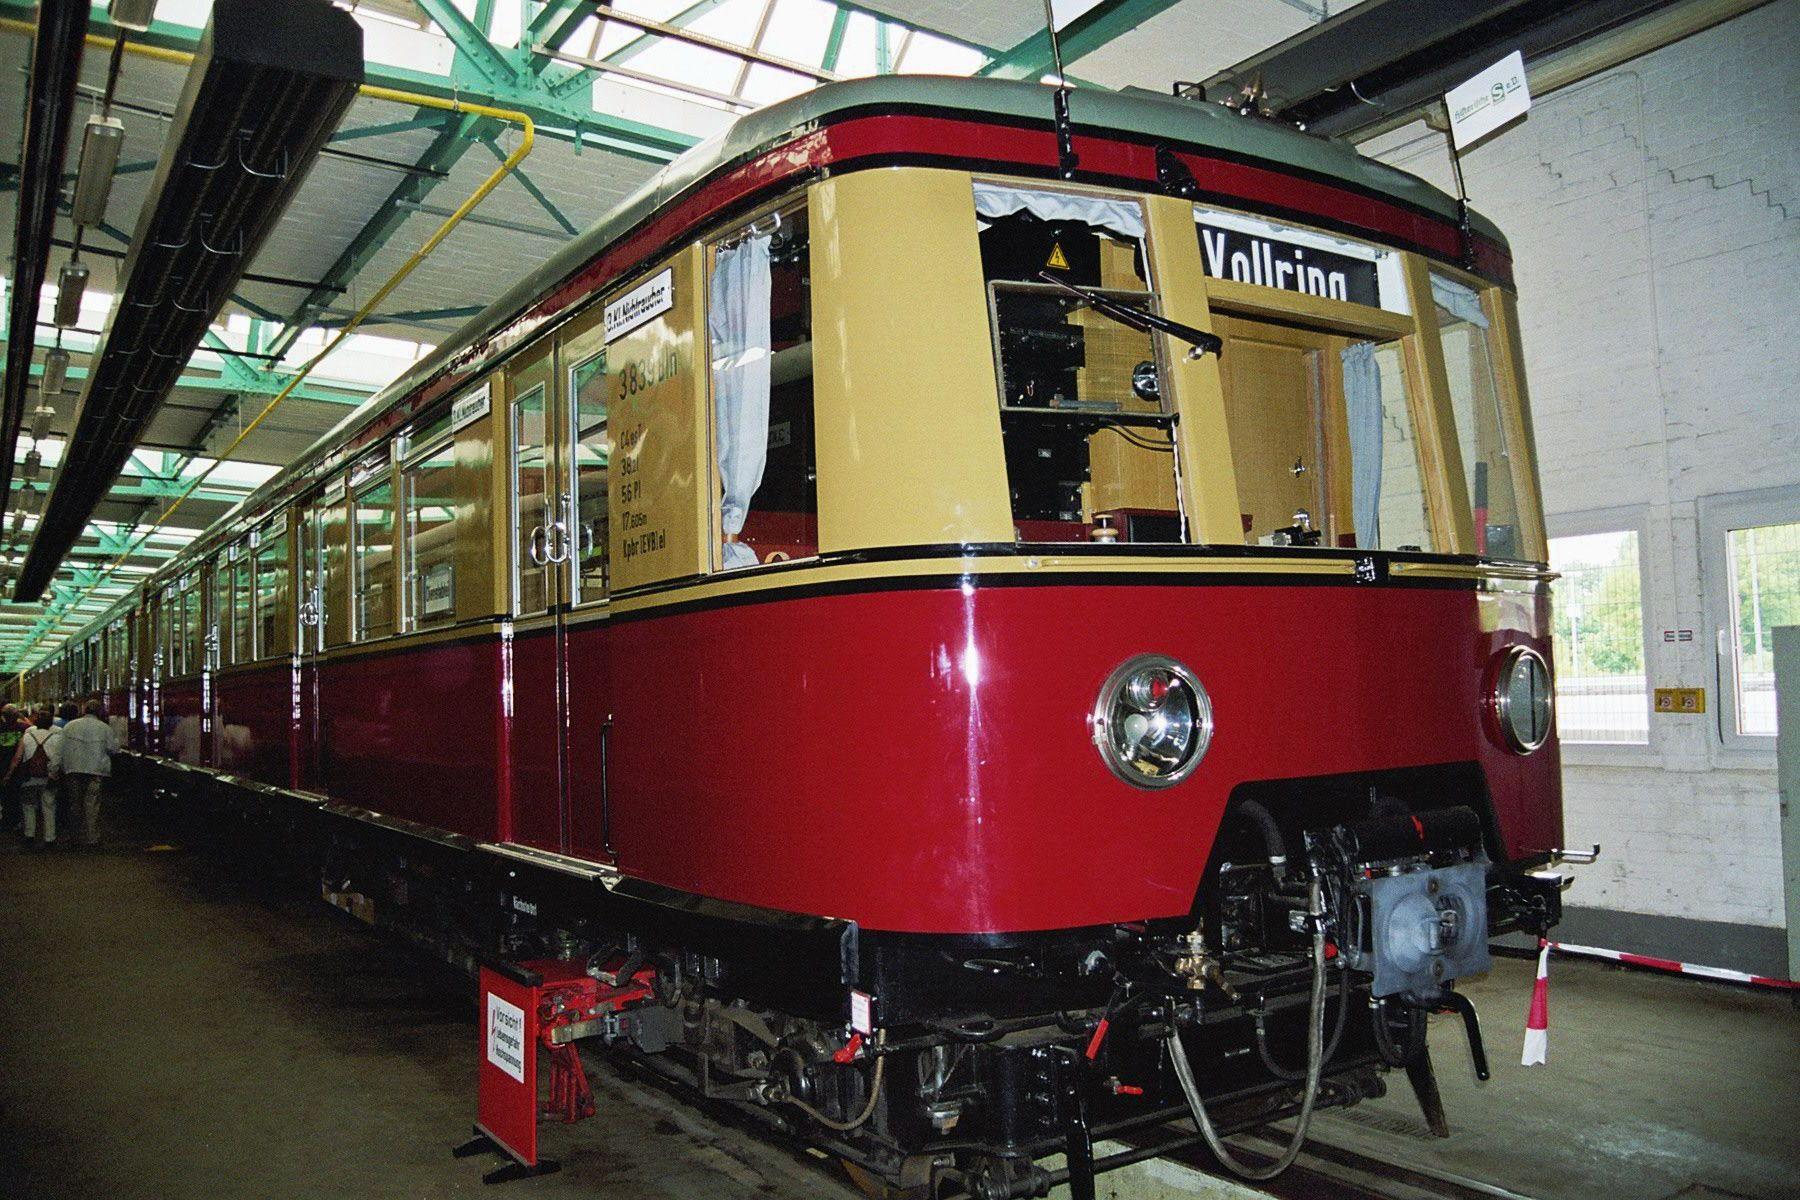 S-Bahn 3839, Bauart 1938/1941, ex 167 006, ex 277 003, Baureihe 167, Erkner, Mai 2005